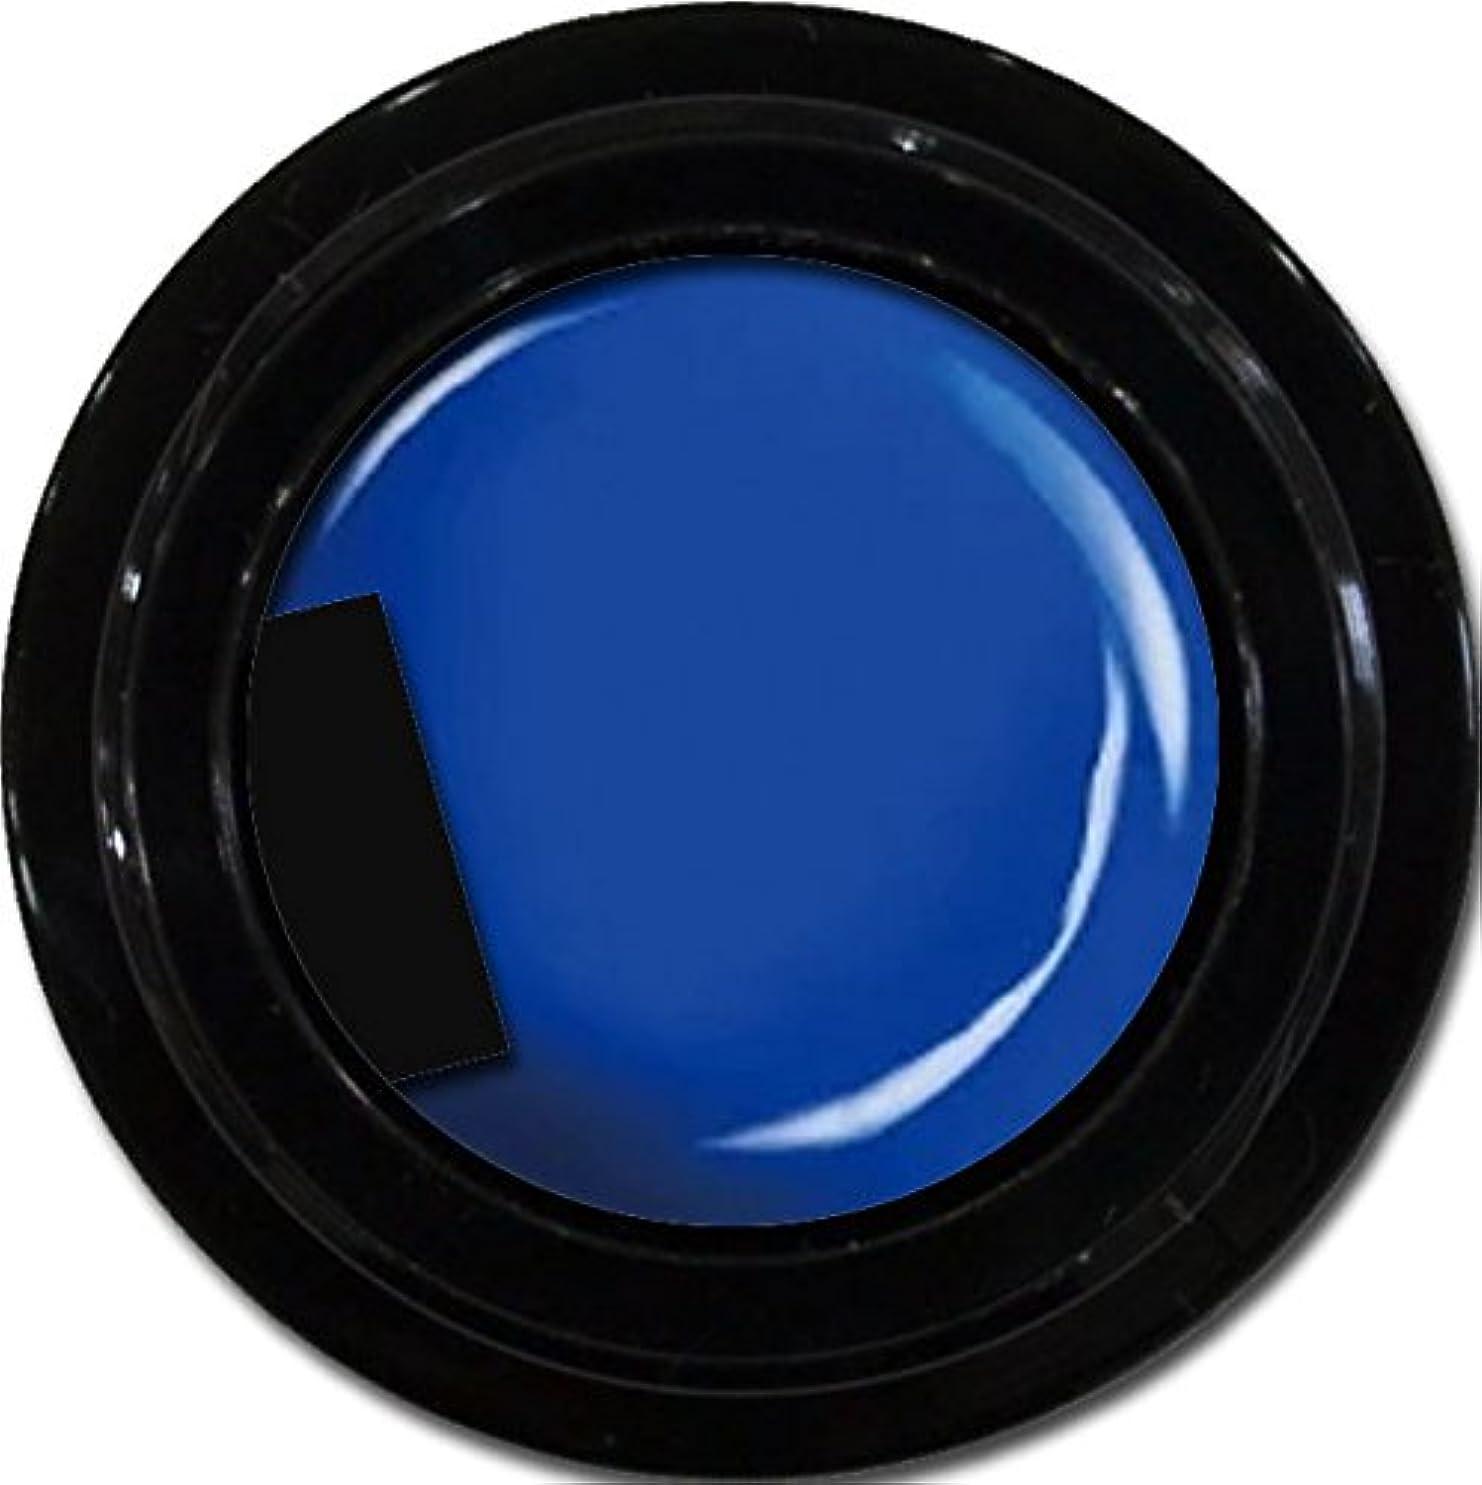 性別うなるパドルカラージェル enchant color gel M708 UltraMarine 3g/ マットカラージェル M708 ウルトラマリン 3グラム